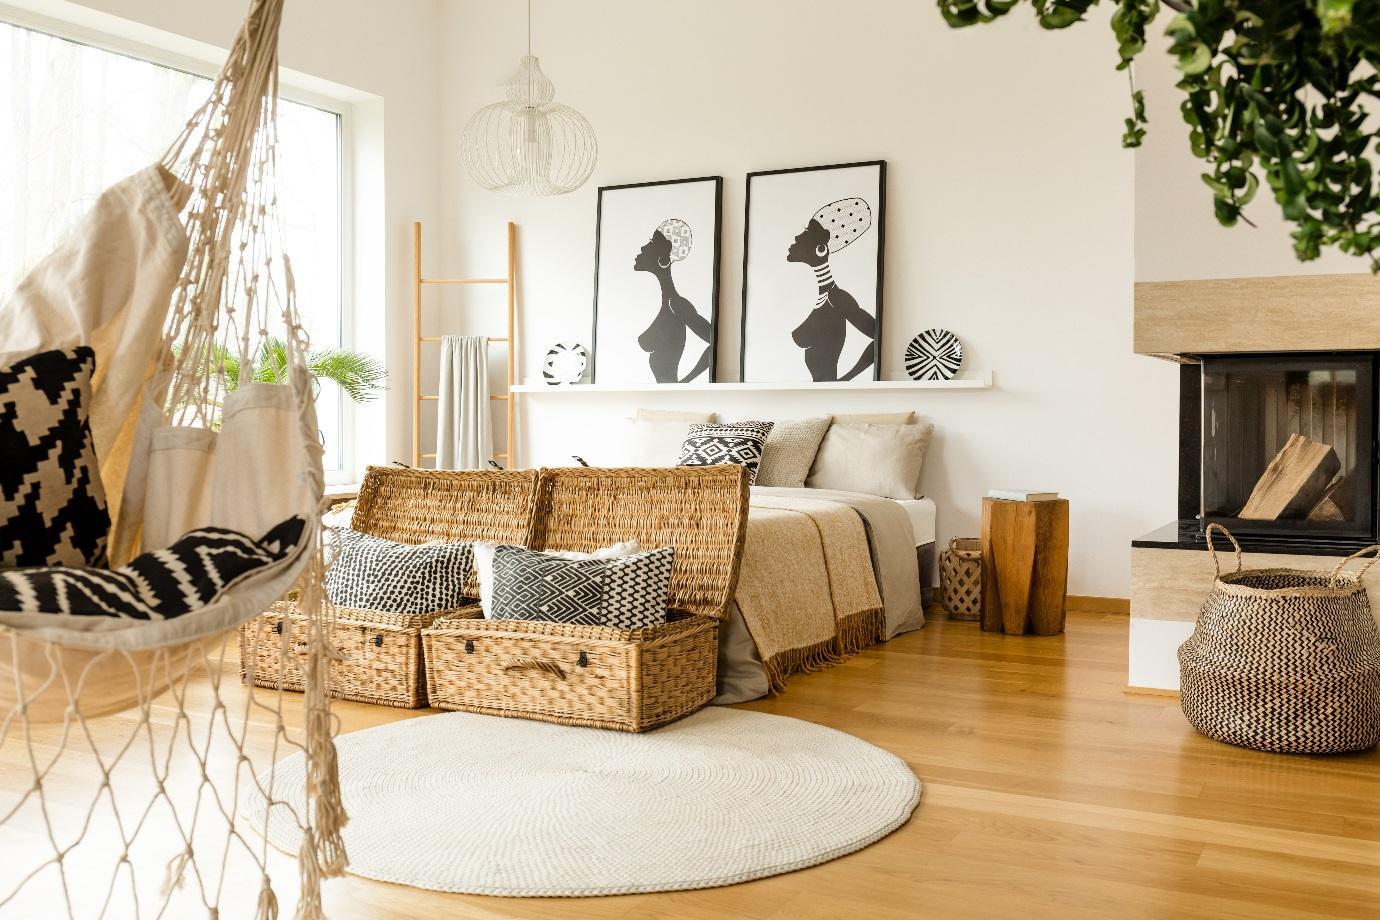 Uma imagem contendo vivendo, interior, chão, parede  Descrição gerada automaticamente